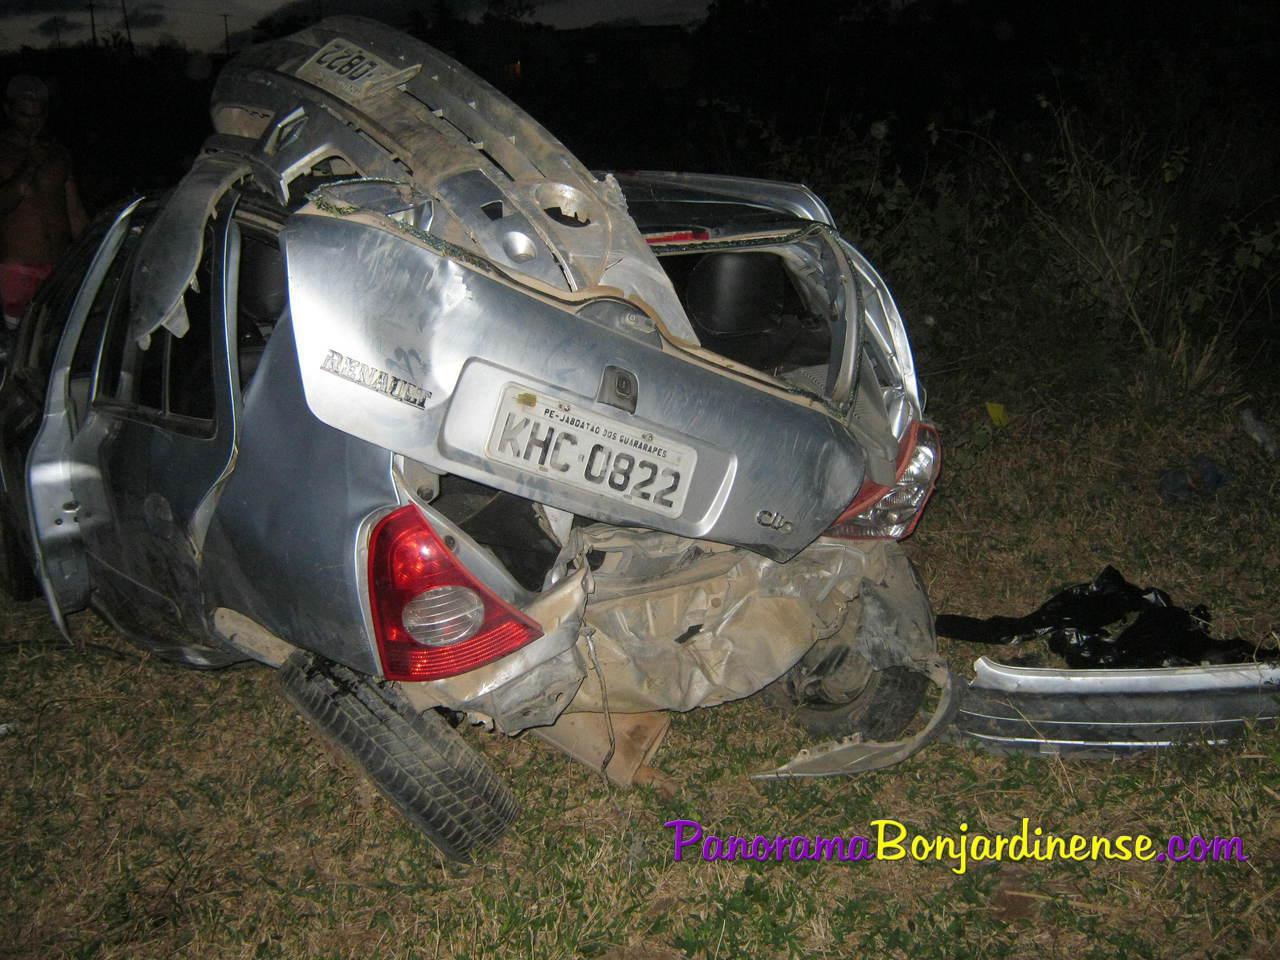 Acidente na PE-88 em Bom Jardim-PE 23.03.2013: